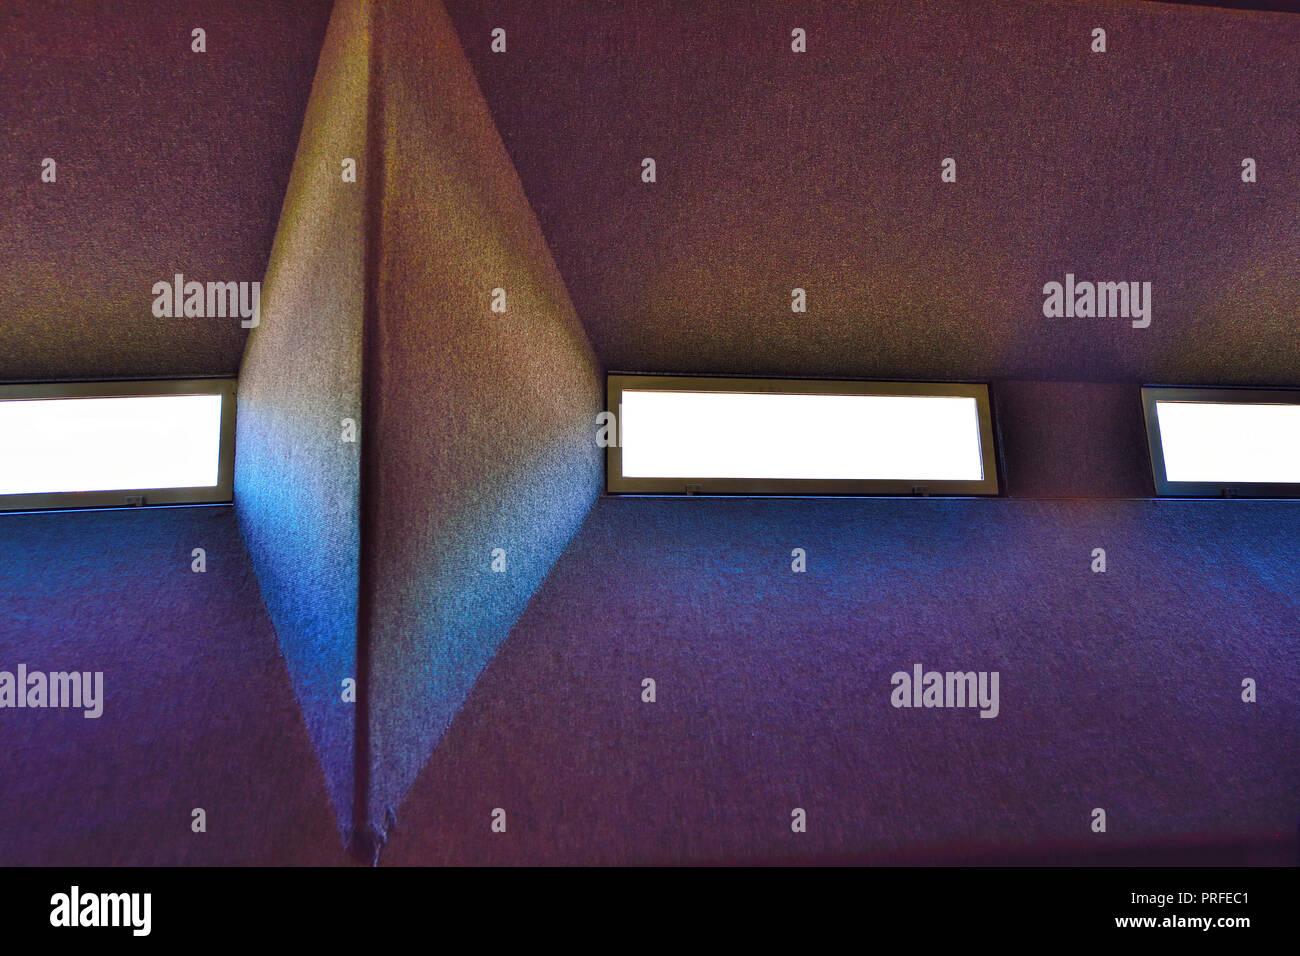 Alien Spacecraft Window - Stock Image